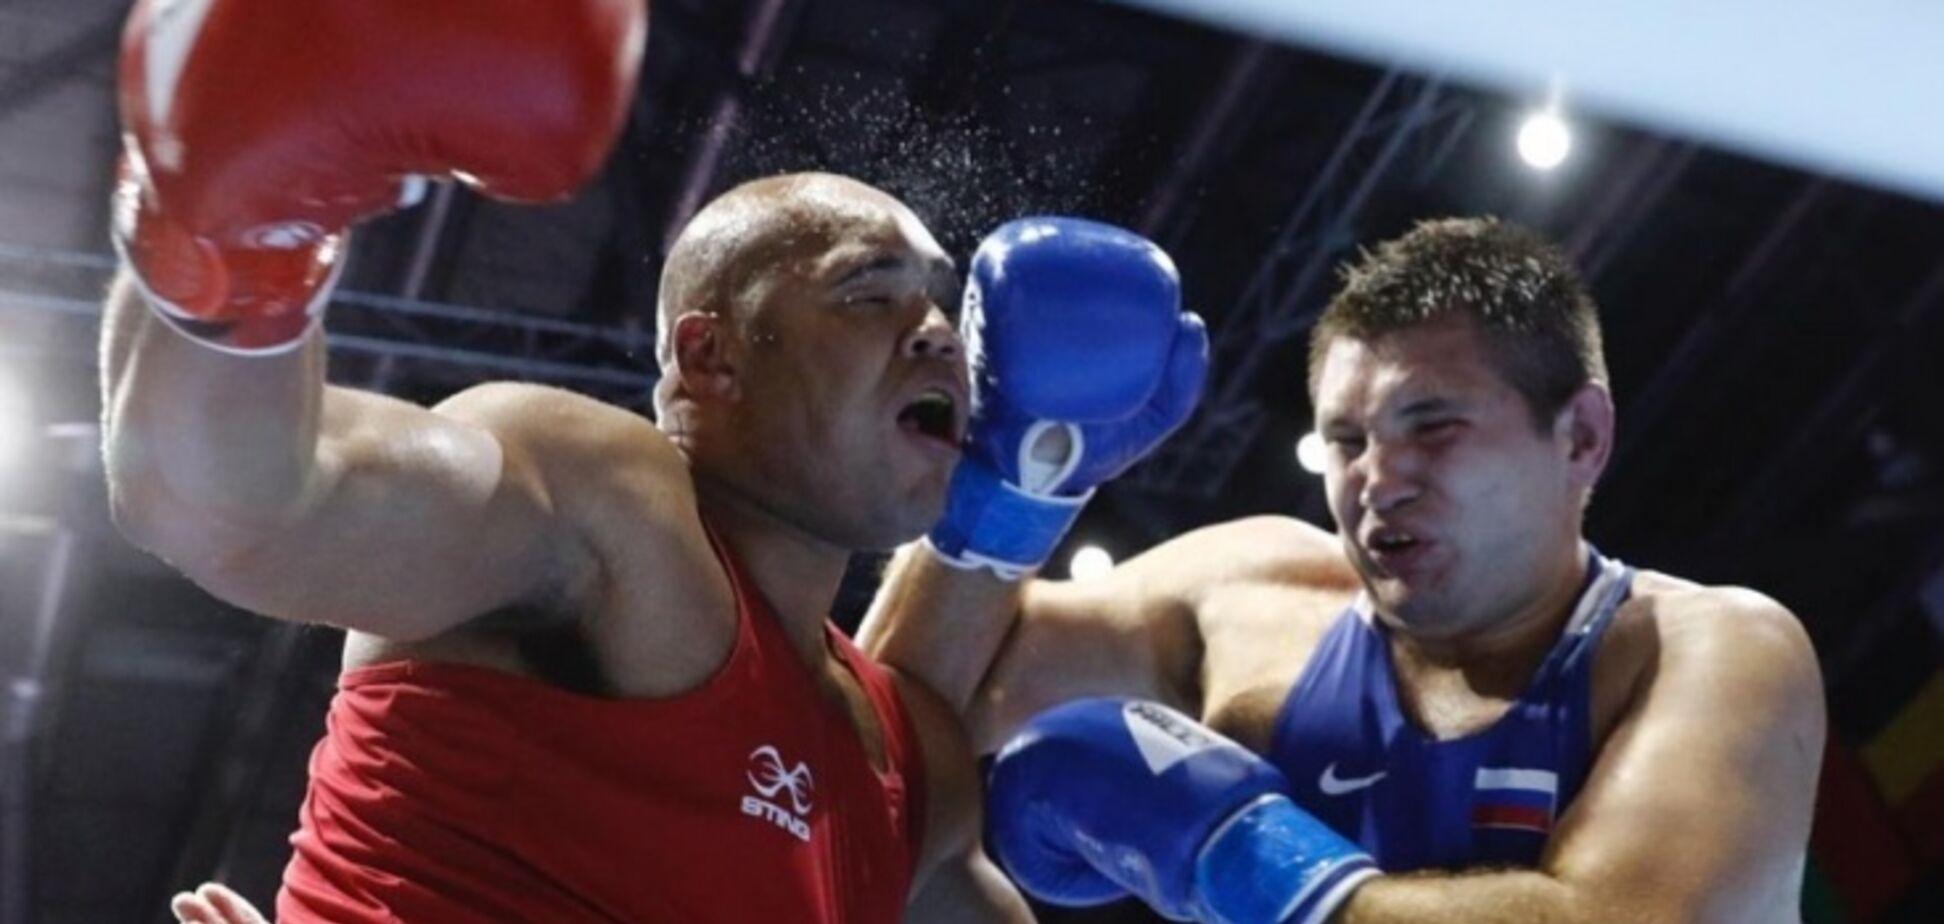 Организаторов ЧМ по боксу в России обвинили в намеренной жестокости